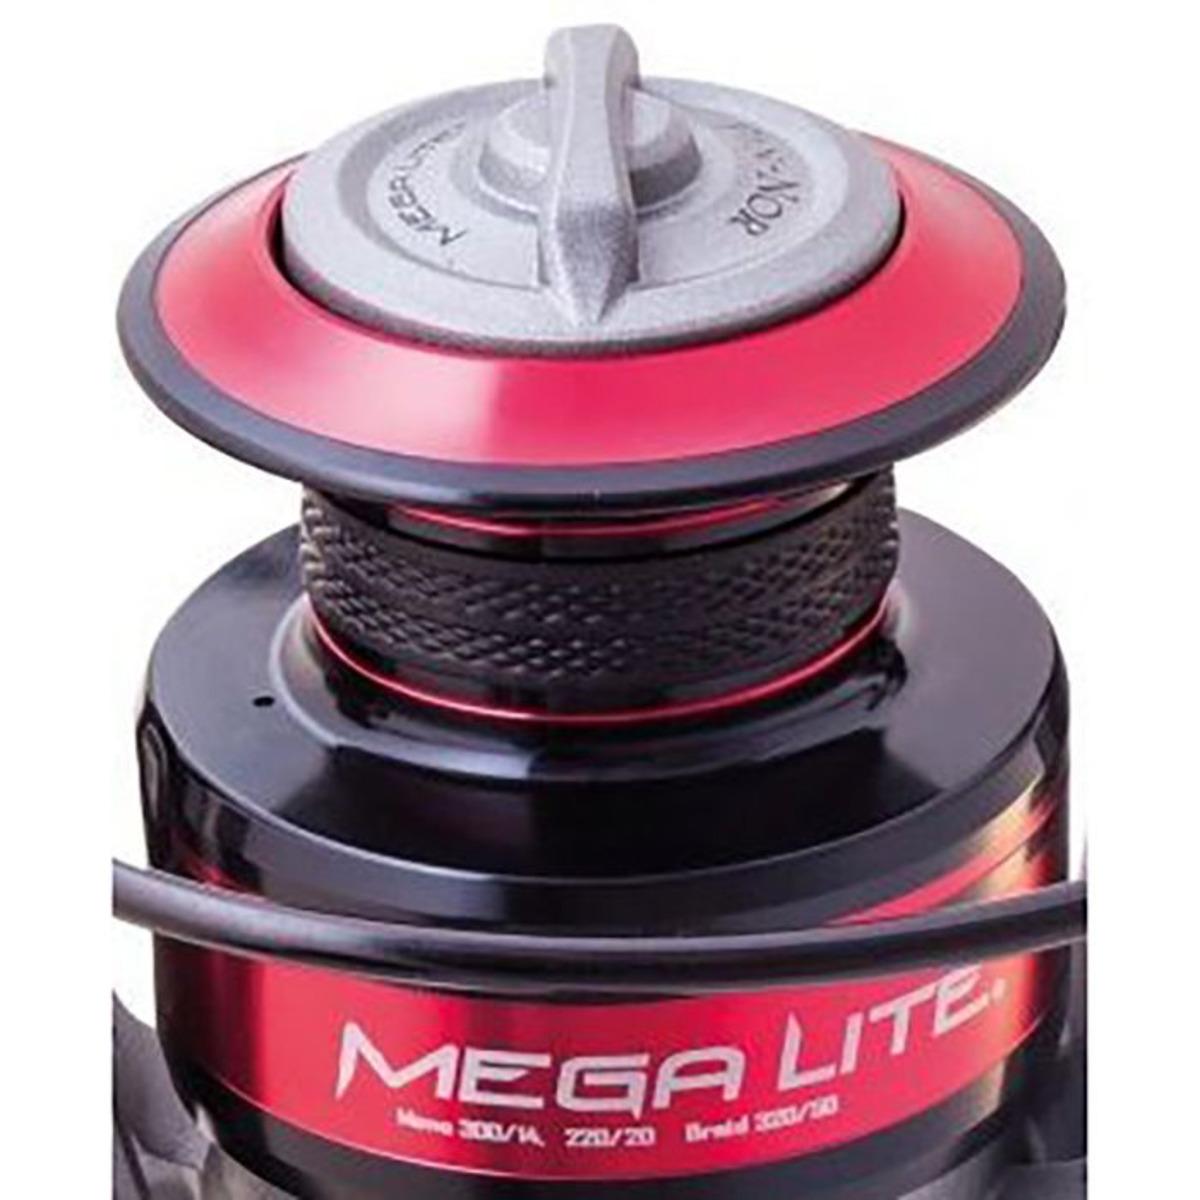 Fin-Nor Ersatzspule Megalite - 4000